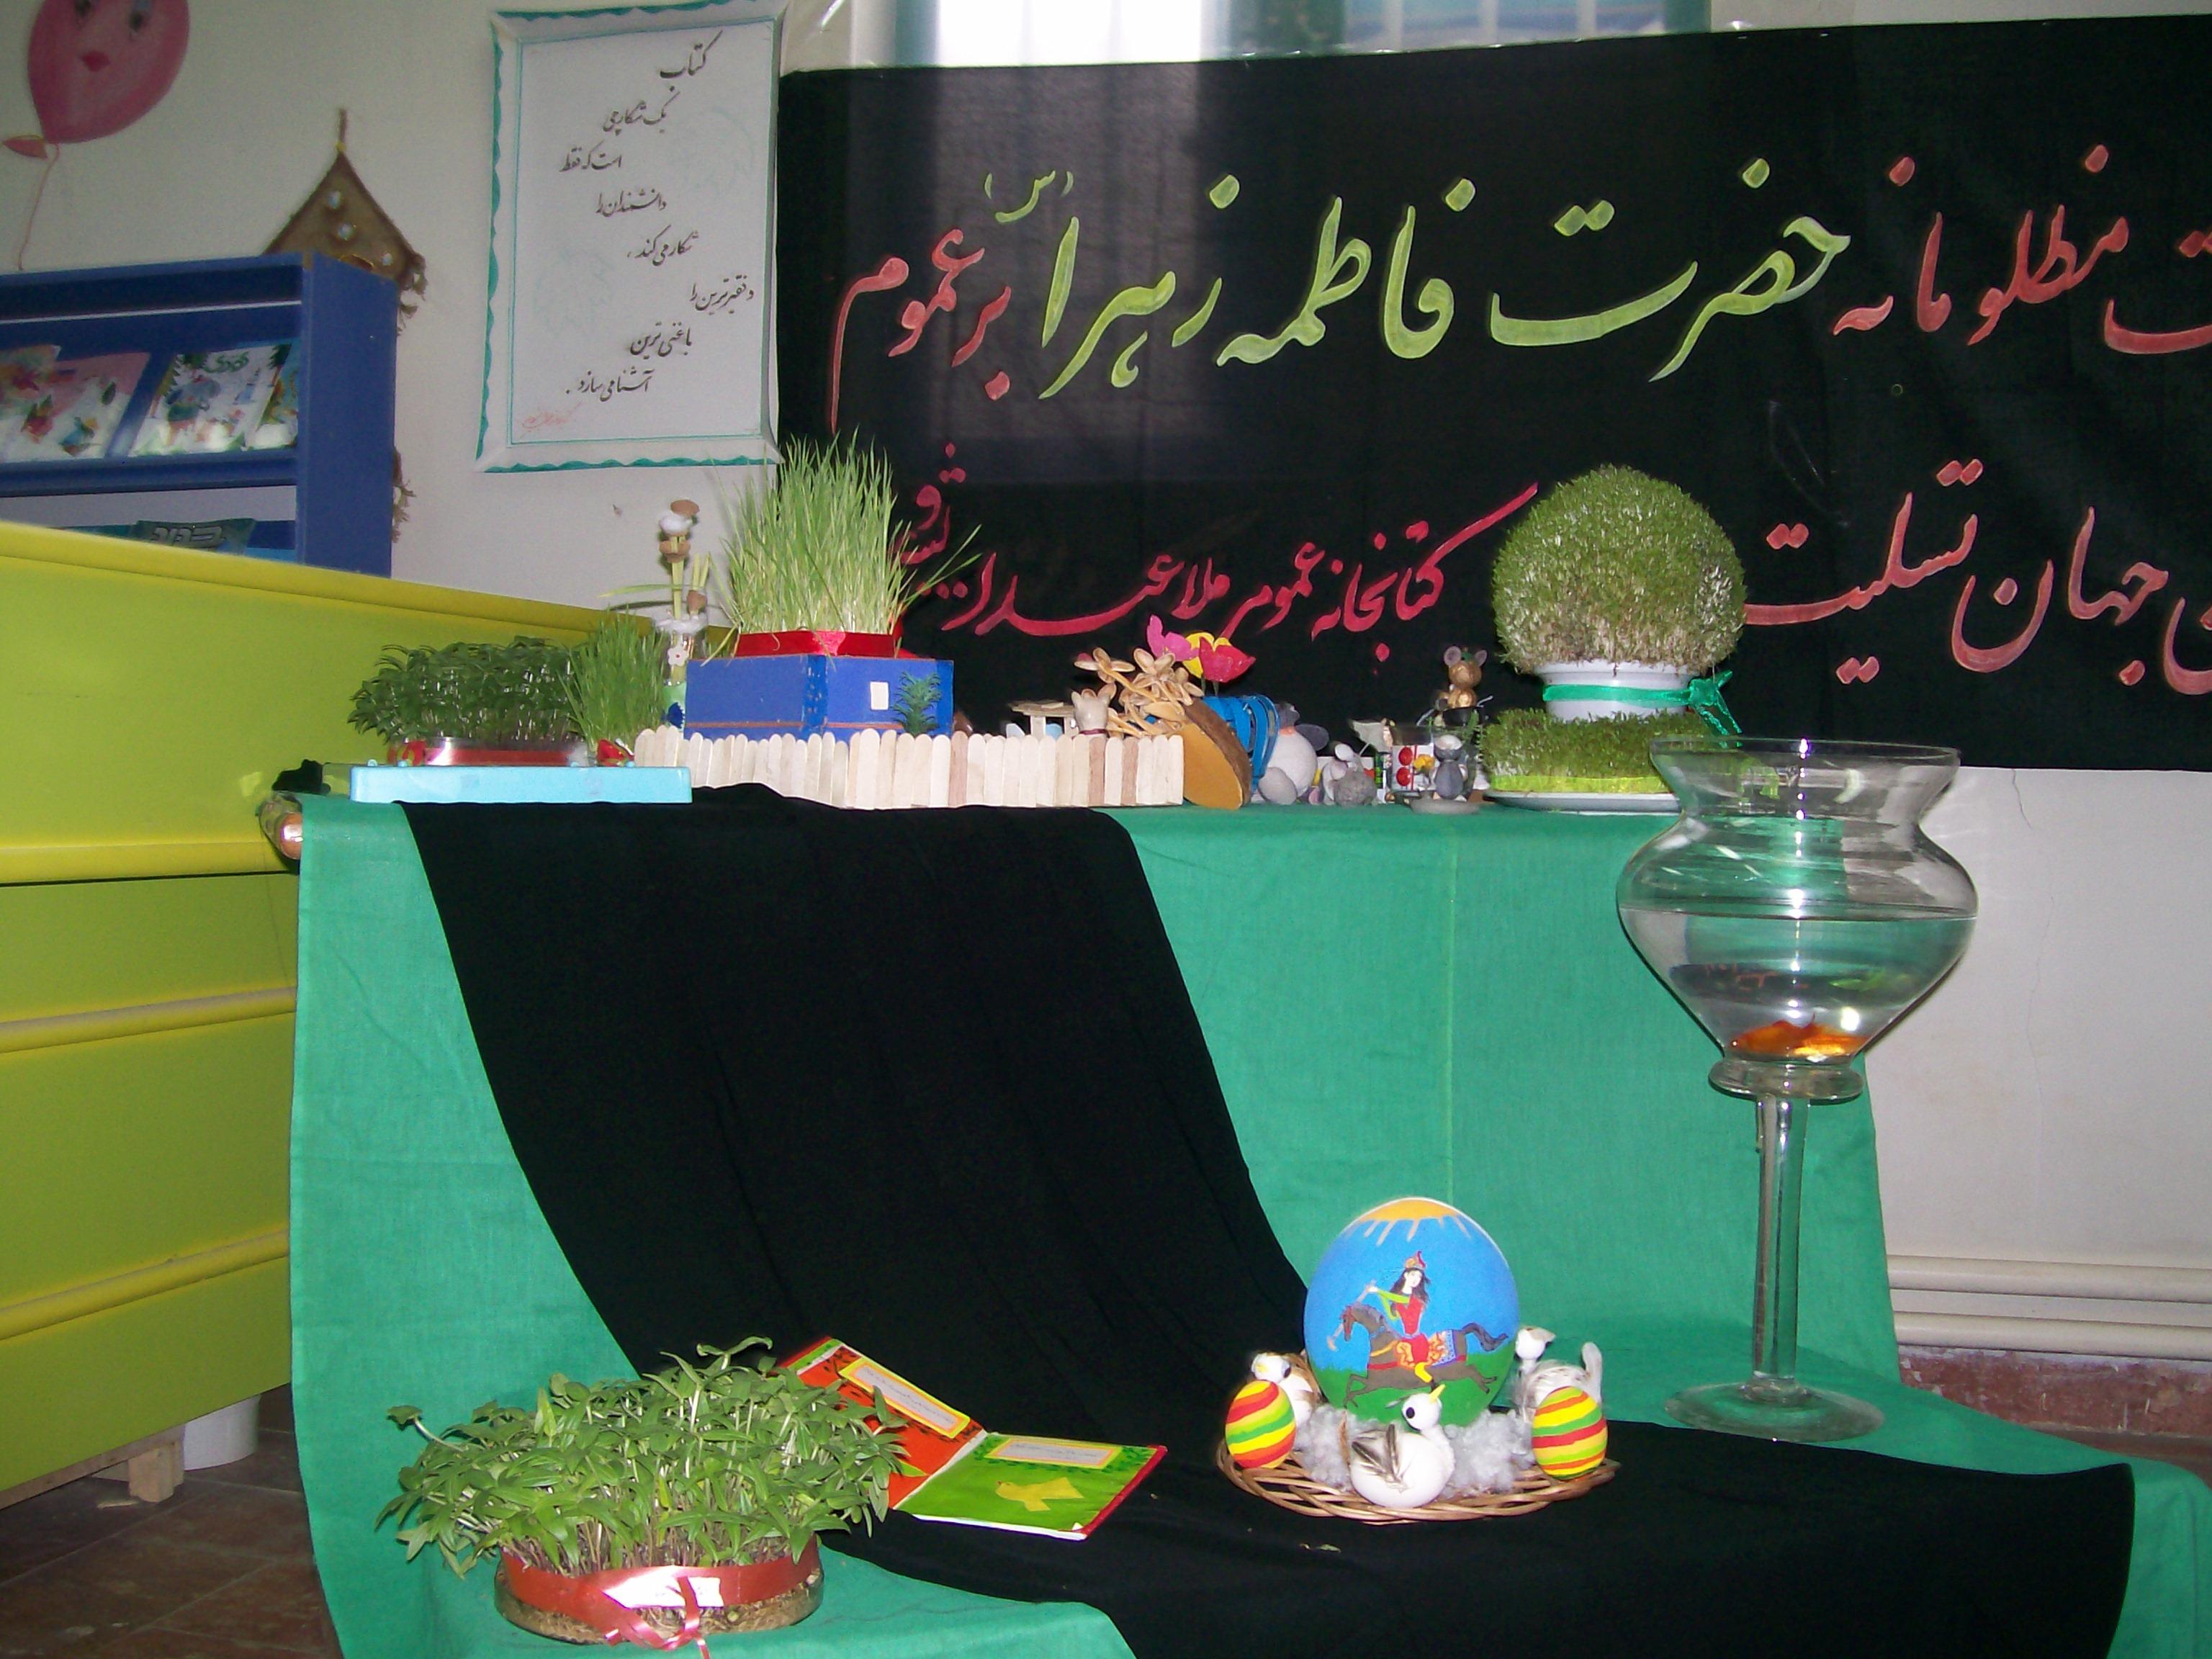 در آستانه نوروز 93، جشنواره سبزه آرایی و کاردستی در کتابخانه ملاعبدا... بشروی برگزار شد.